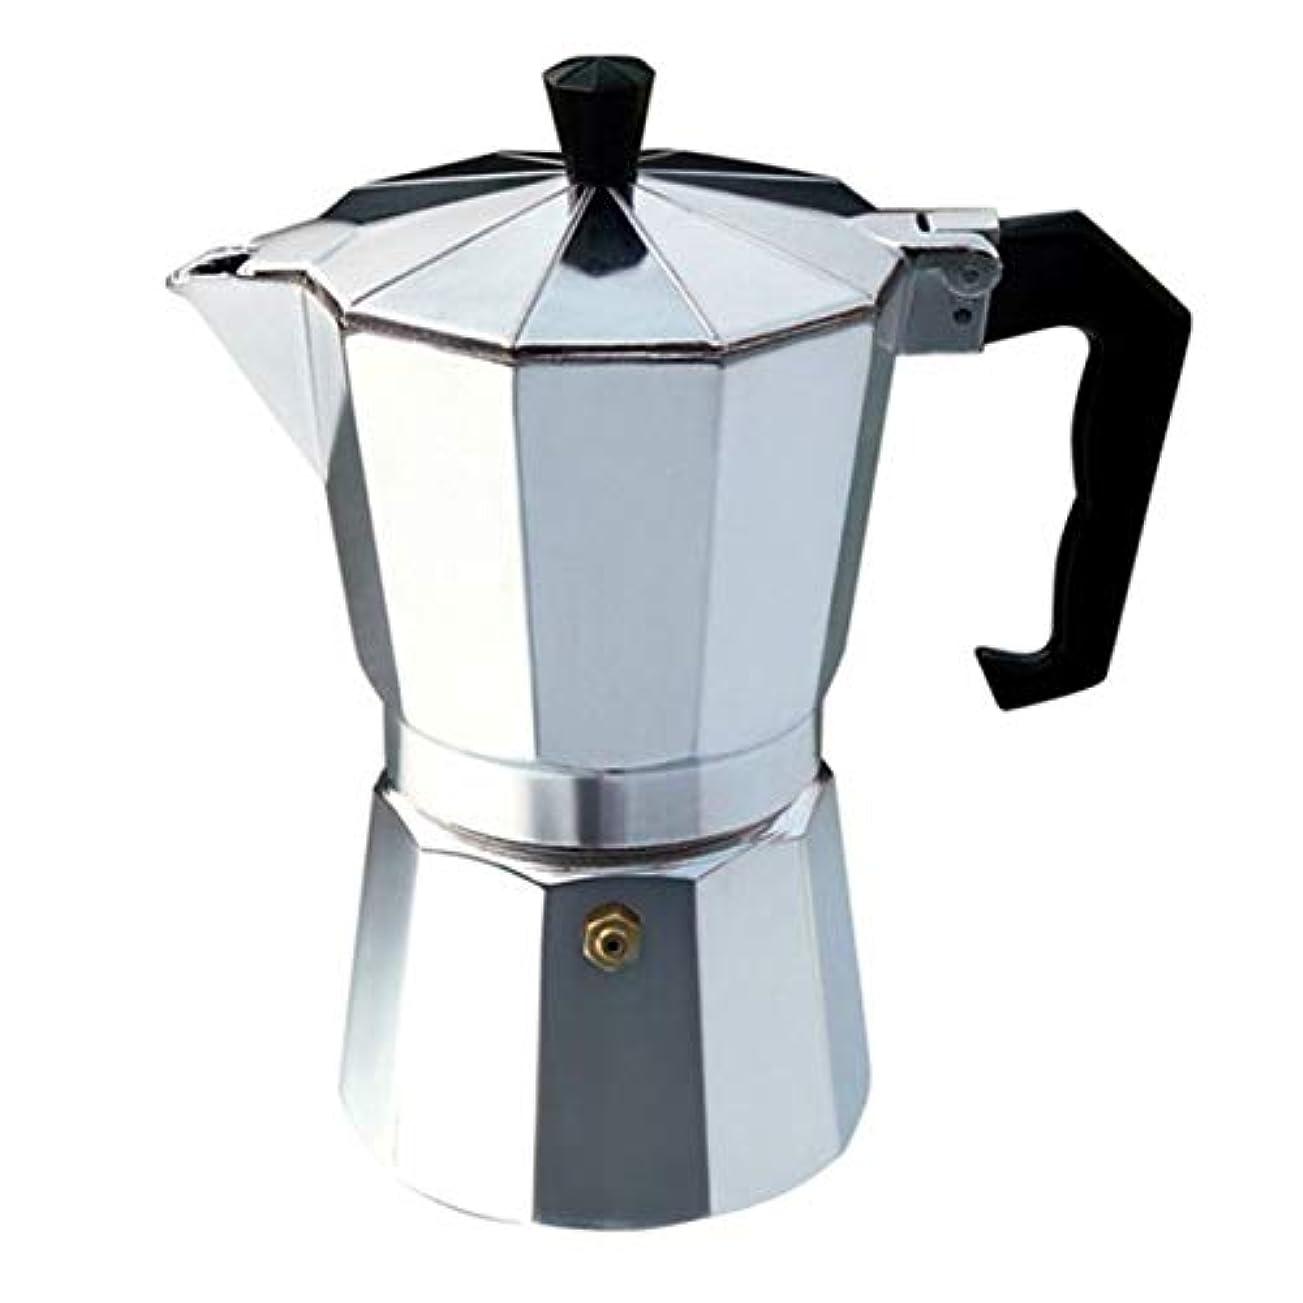 学習ガム中でSaikogoods ナガXuefeiイタリアコーヒーブラックコーヒーモカコーヒー 実用的なギフト 簡単にクリーンアップするためにアルミ真岡鍋 Octangleコーヒーメーカー 銀 6カップ